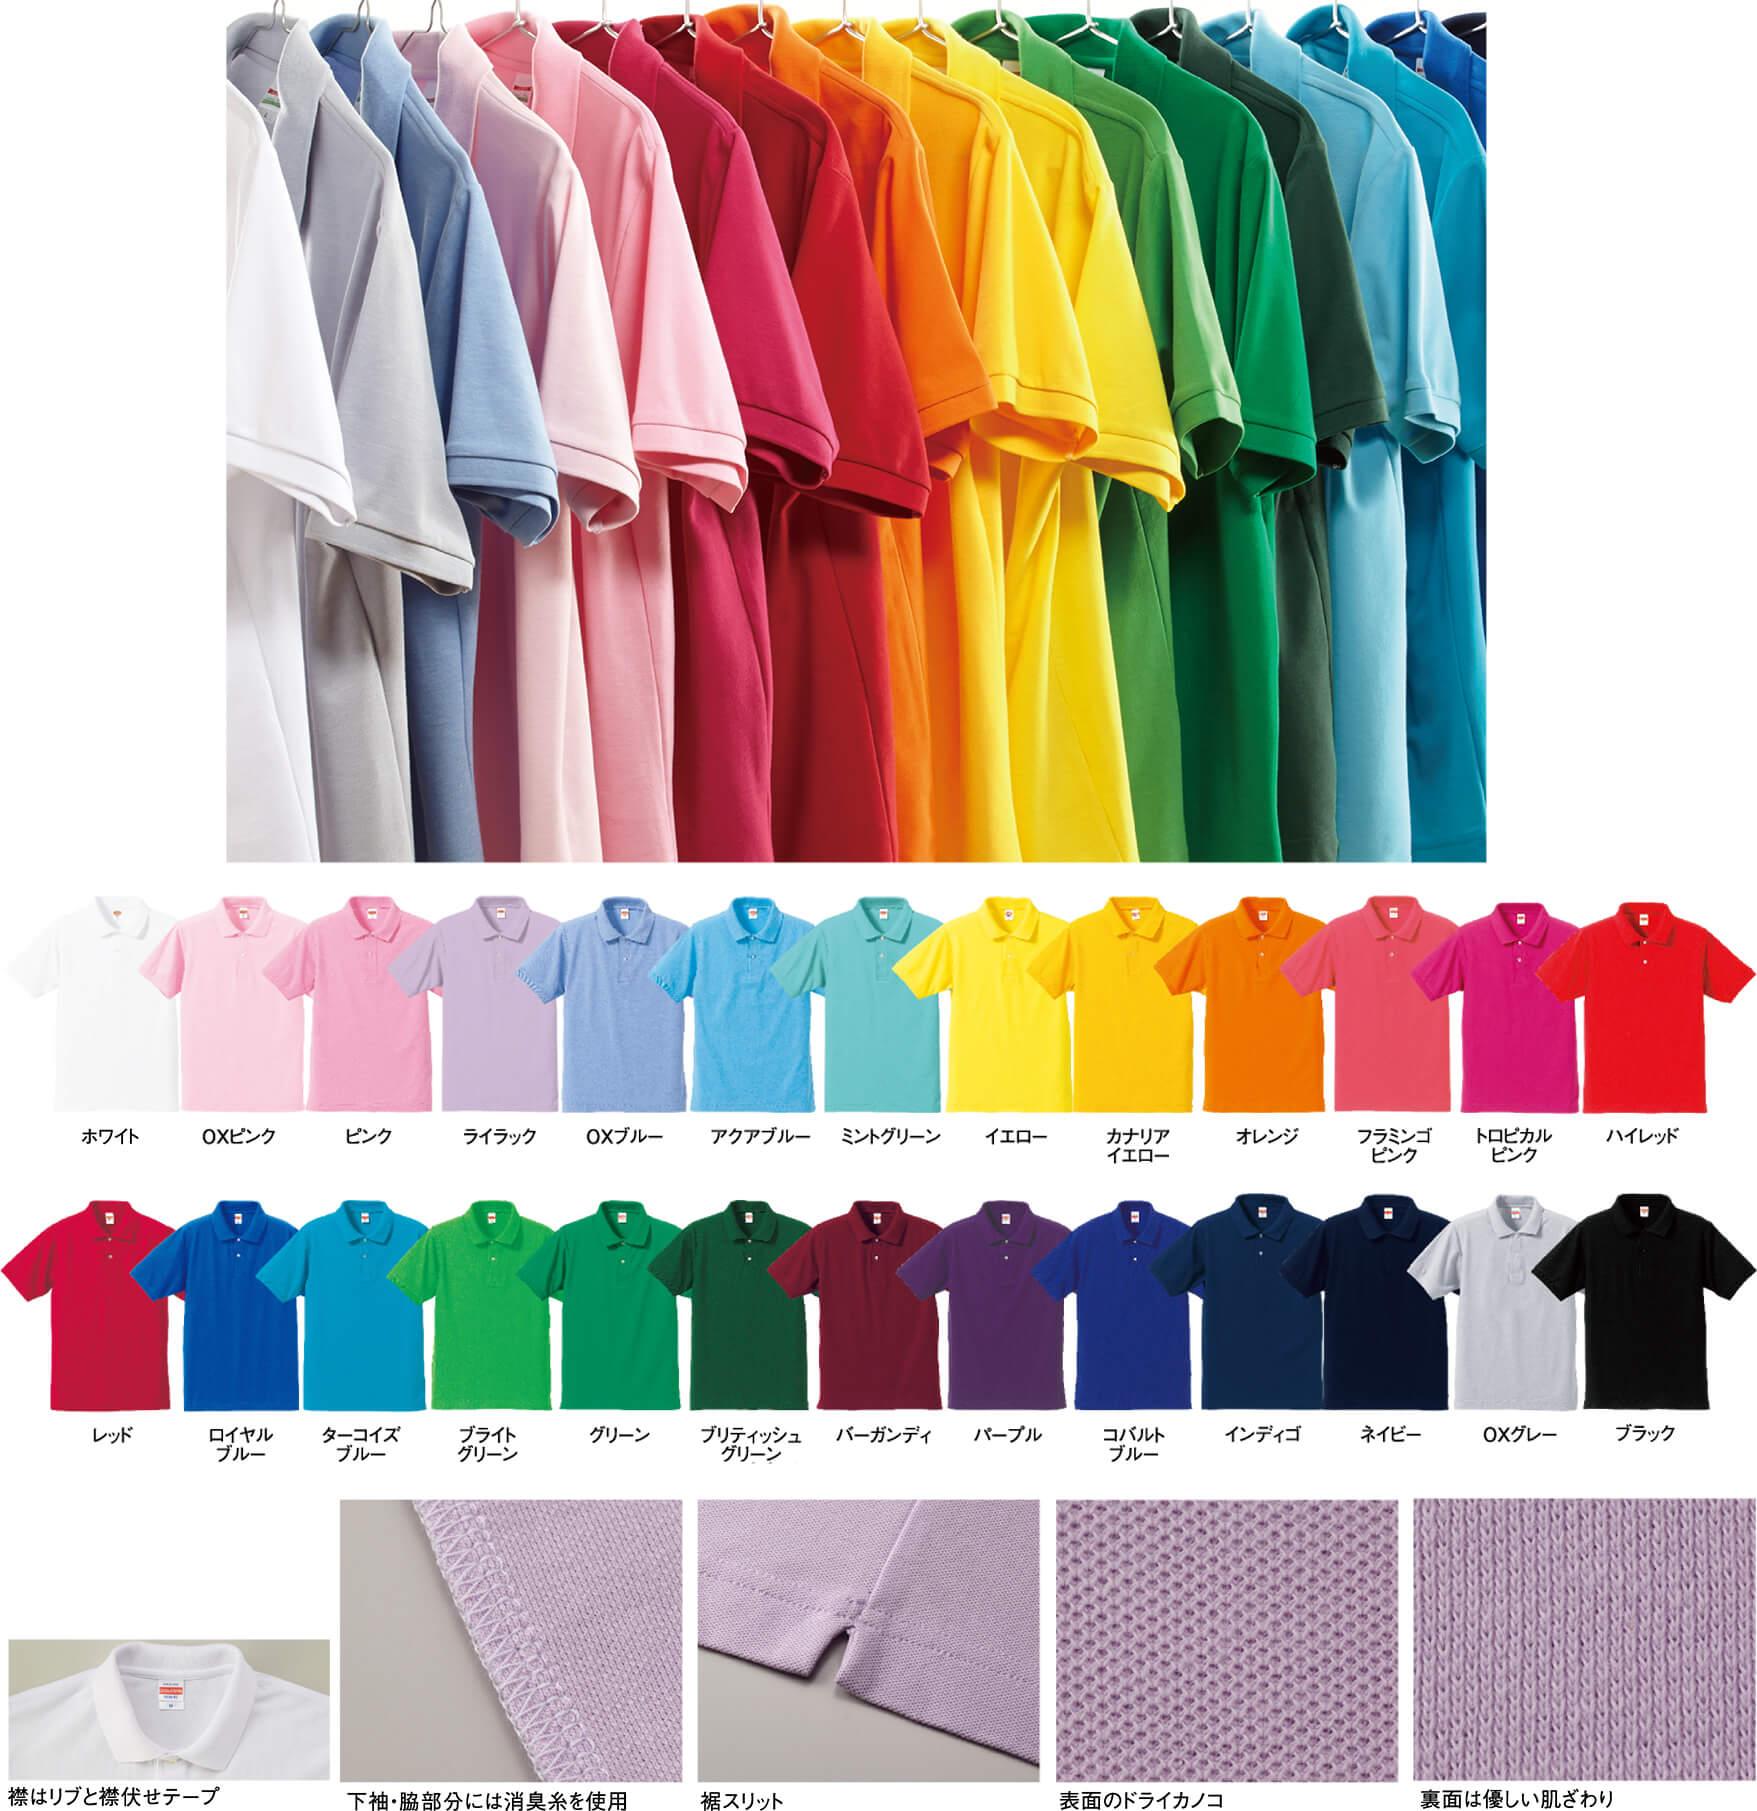 オリジナルポロシャツの全カラー紹介と商品の特徴